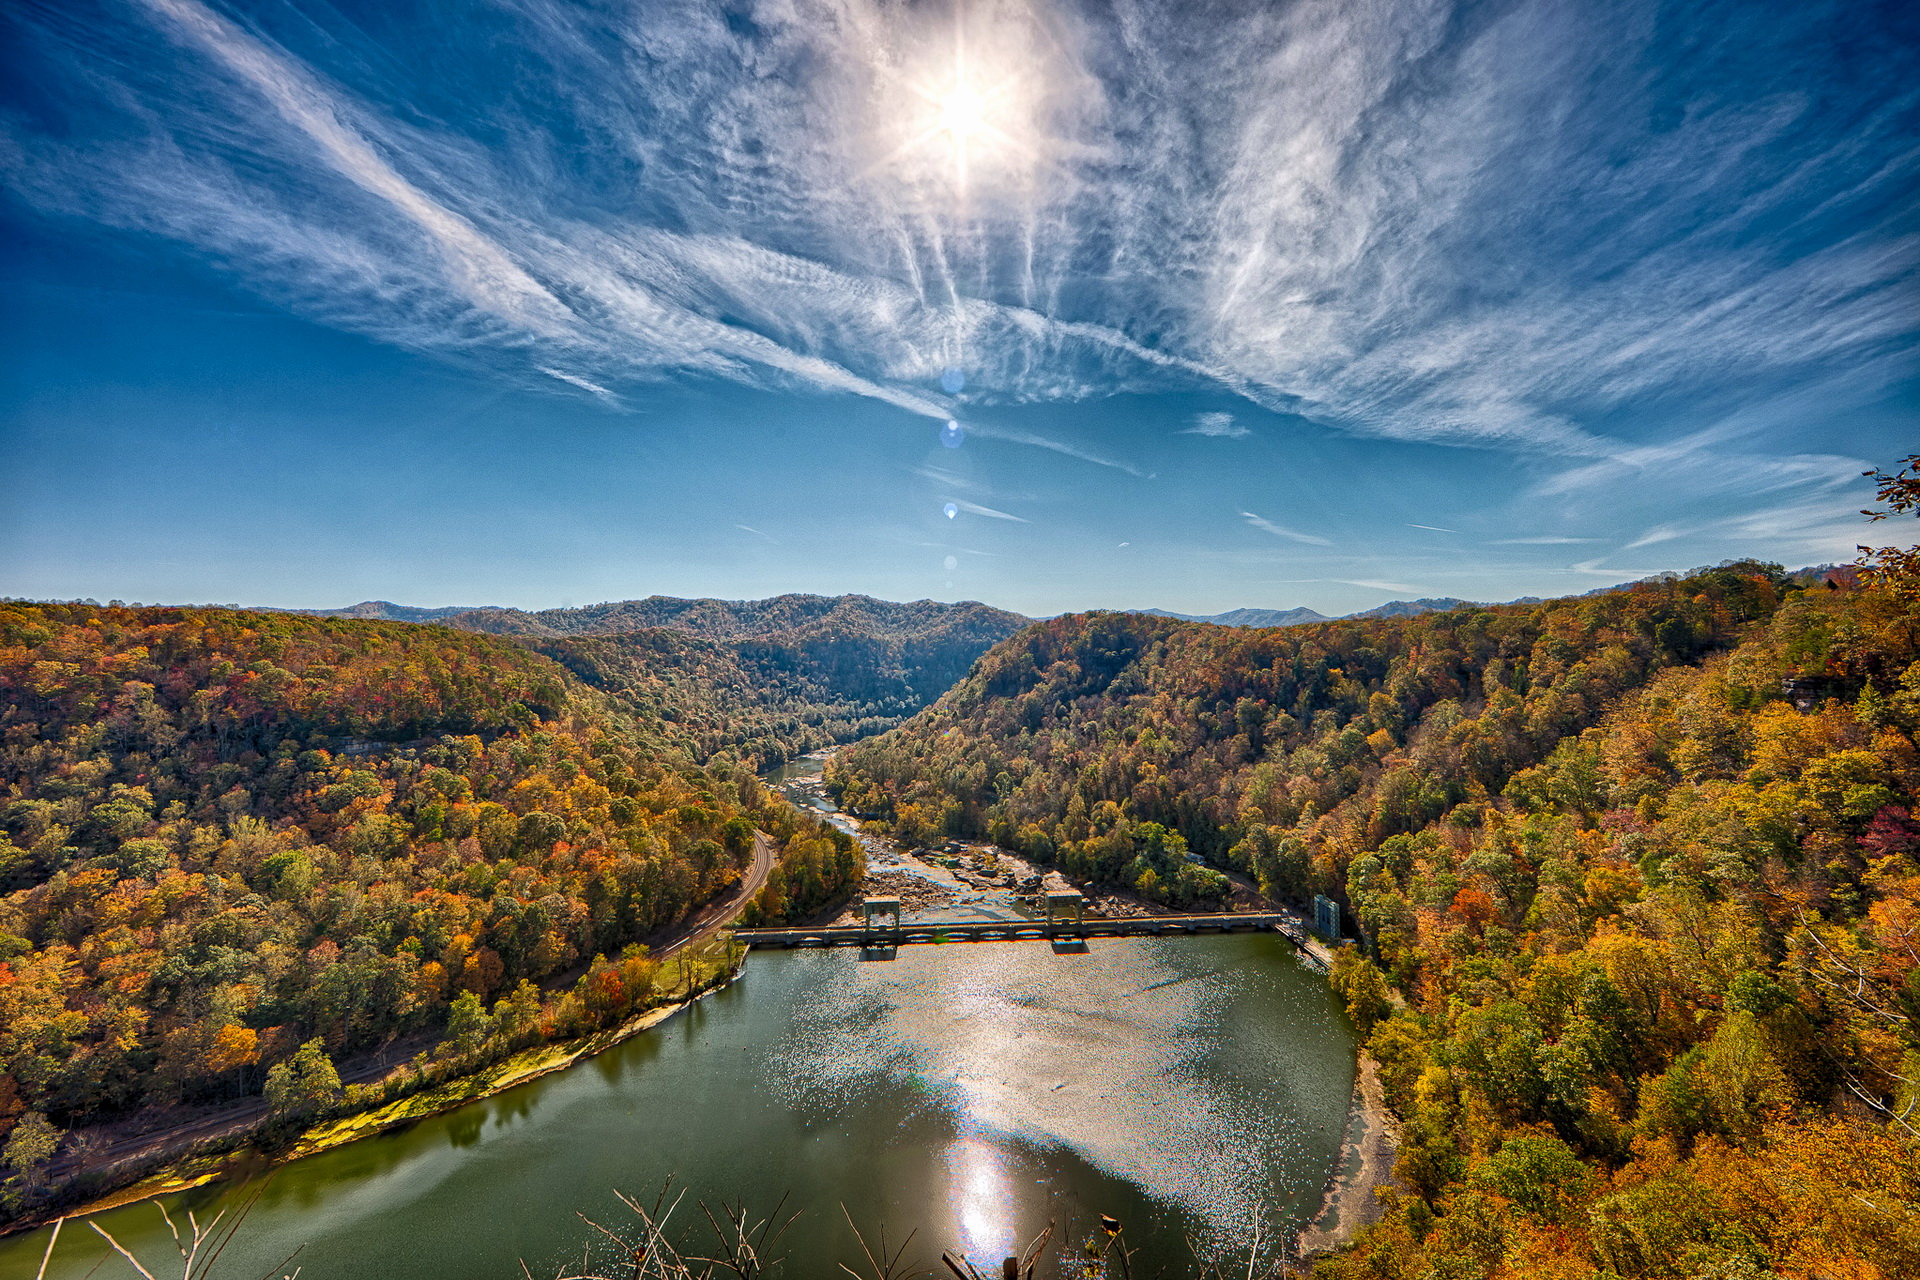 Озерцо мостик лес горы  № 2950010 загрузить